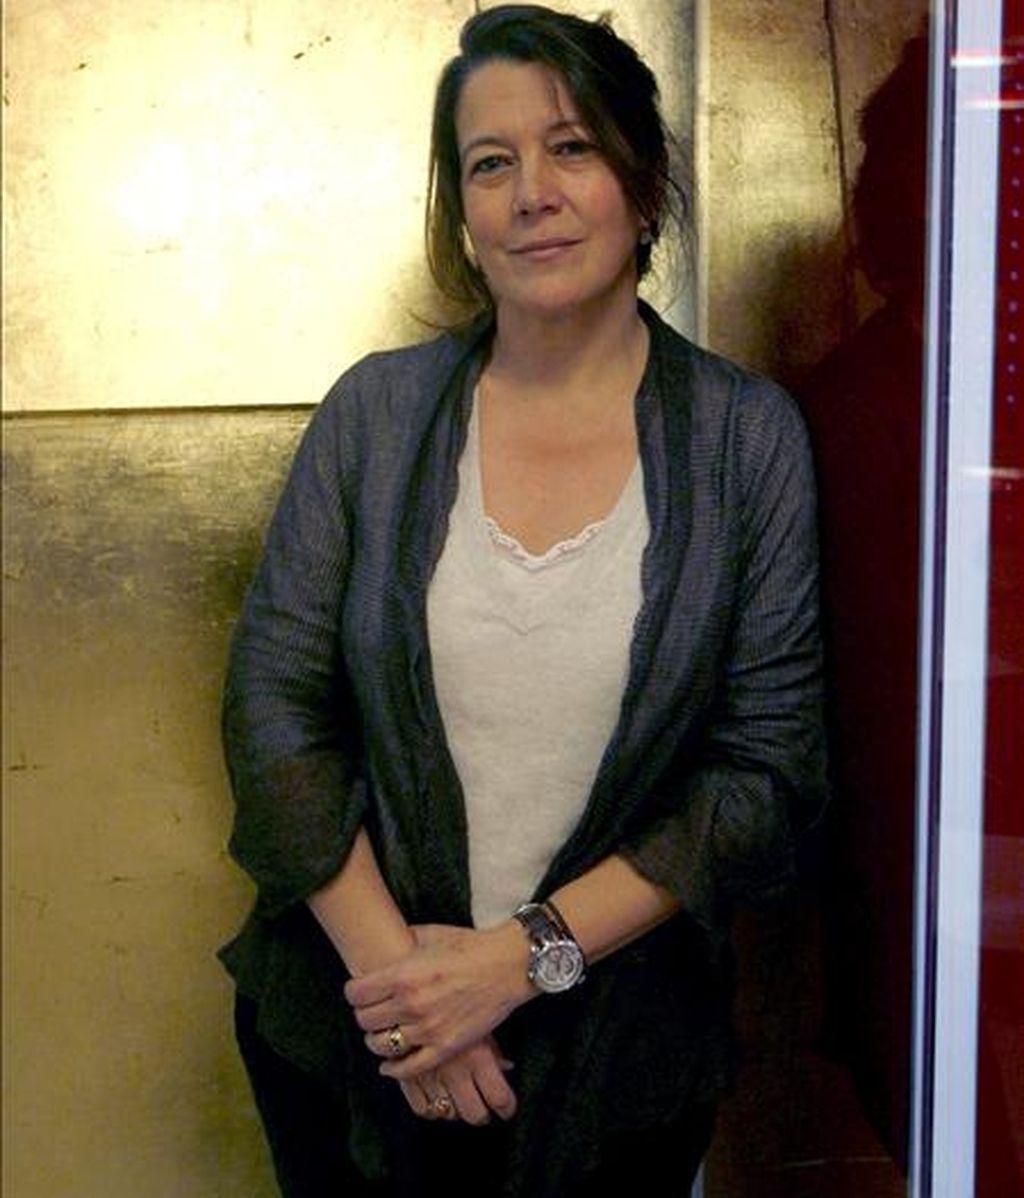 La directora de la feria internacional de Arte ARCO, Lourdes Fernández, comenta en una entrevista con Efe el pasado 1 de febrero, que la crisis económica, que también estará presente en la próxima edición de la feria, no debe ocultar el gran esfuerzo que están haciendo las 250 galerías participantes. EFE/Archivo